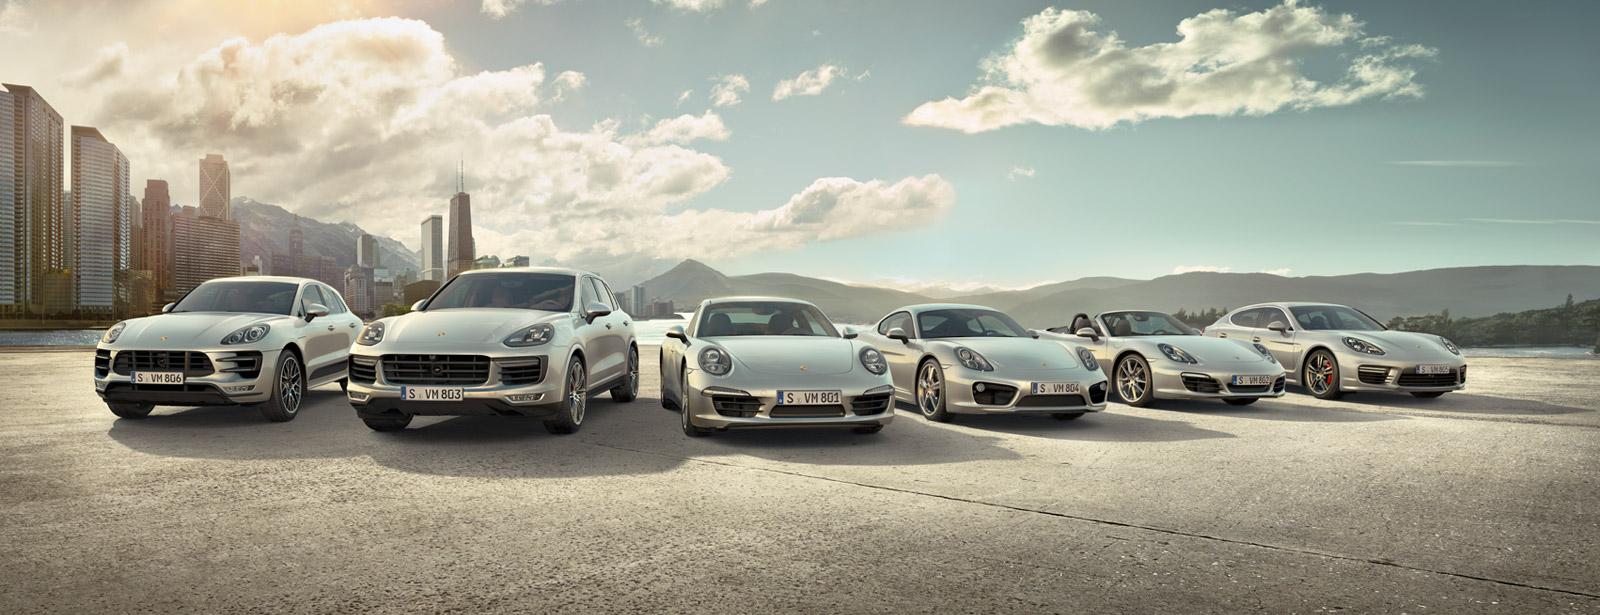 Porsche Assistance